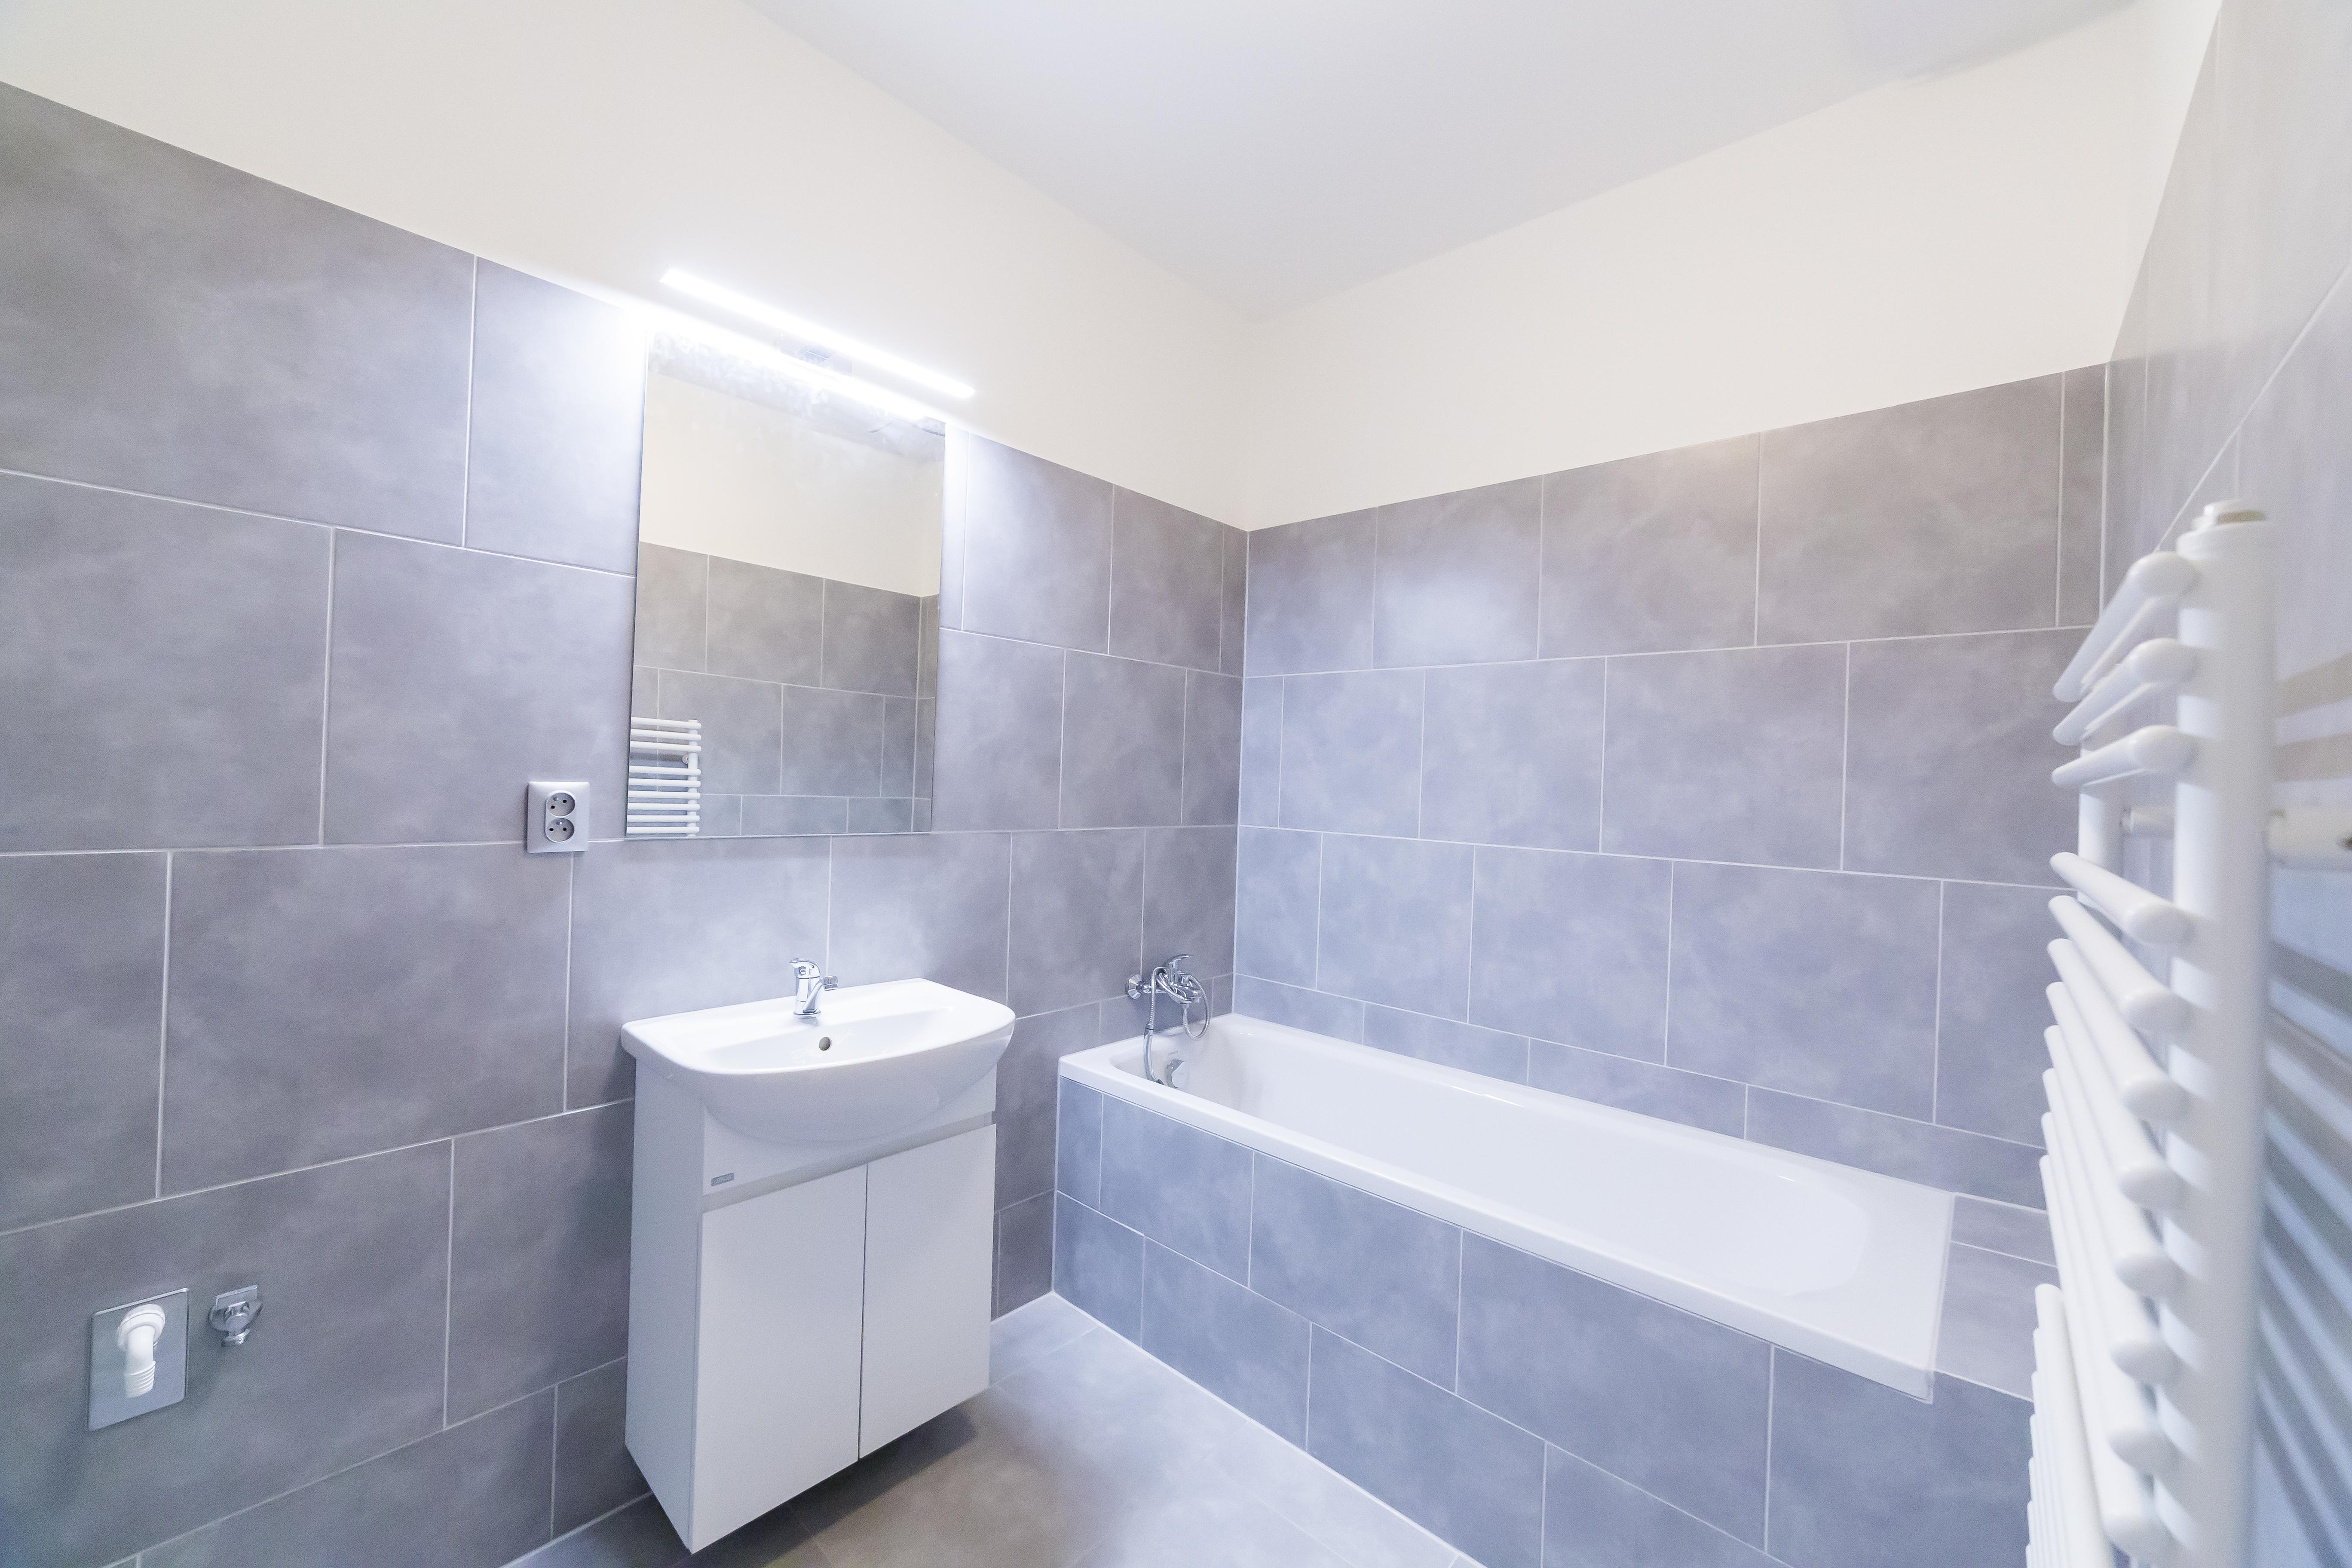 koupelna svetlo zrcadlo radiator zebrik skrinka obklady seda opava pronajem opava linda bittova